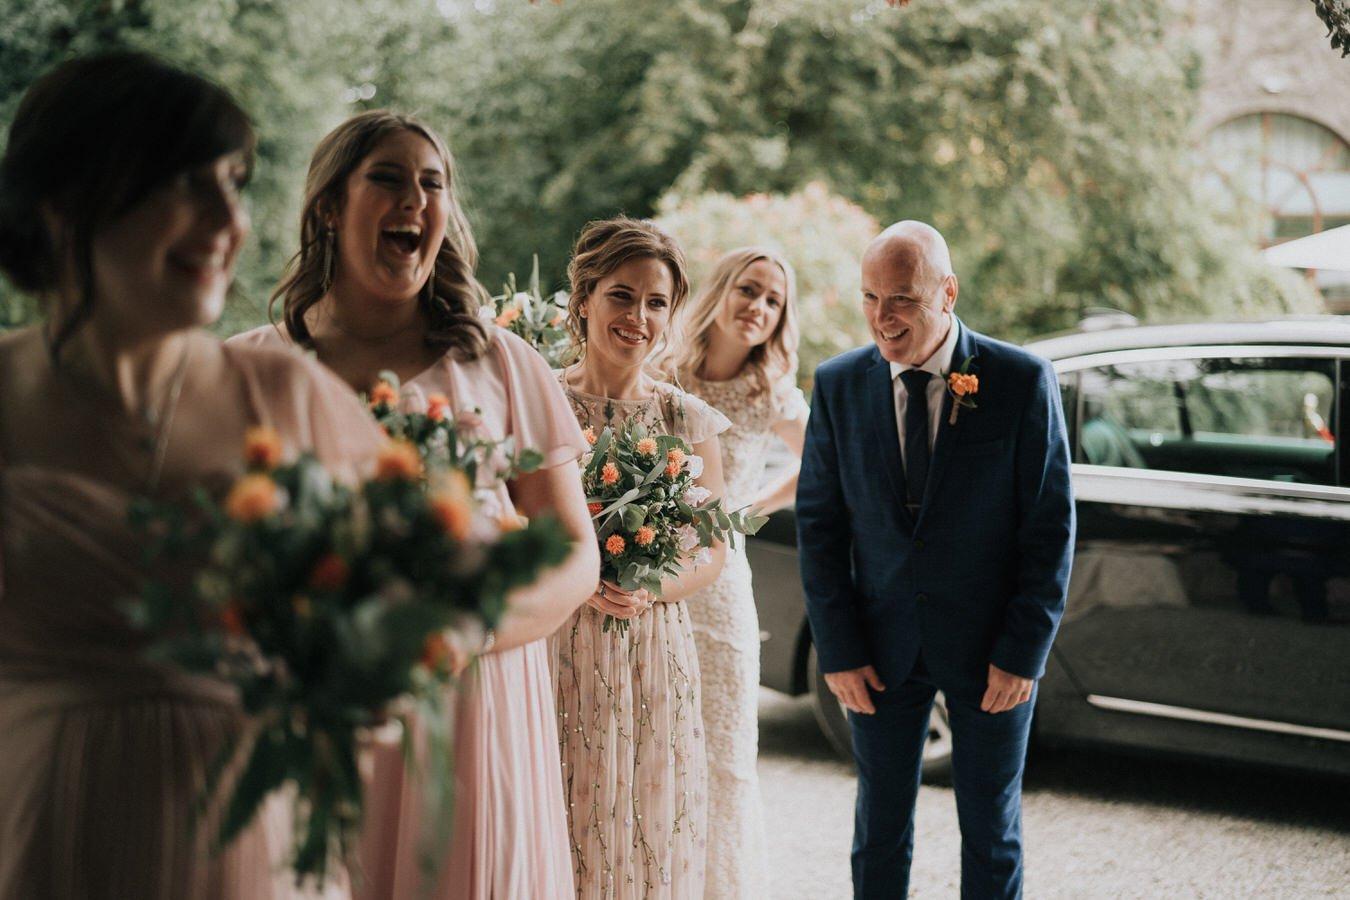 The-Station-House-wedding-Dublin-photographer- 0053 51